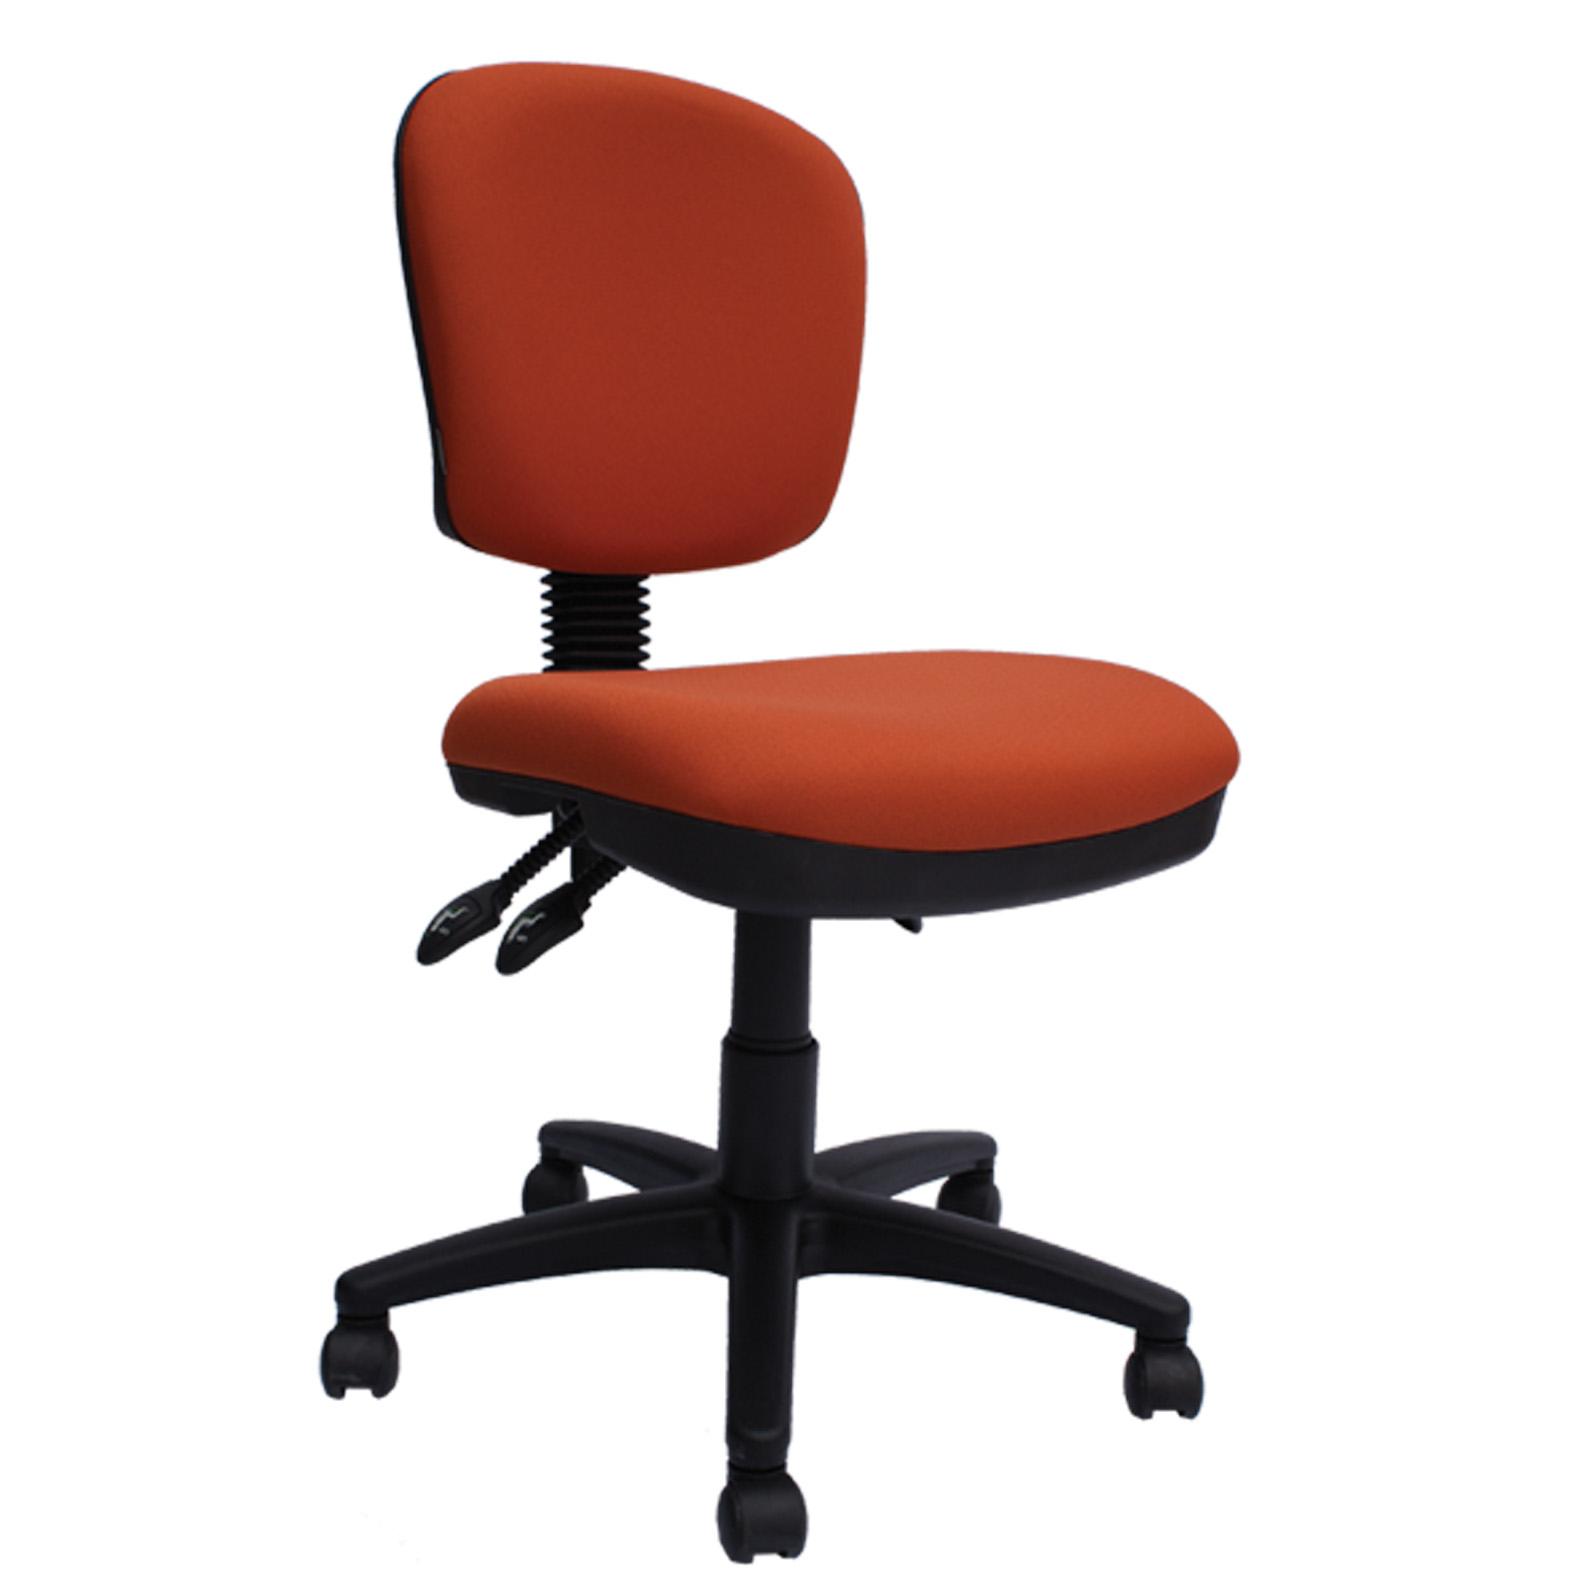 Silla secretarial 524 grupo meta soluciones de limpieza for Sillas ejecutivas para oficina